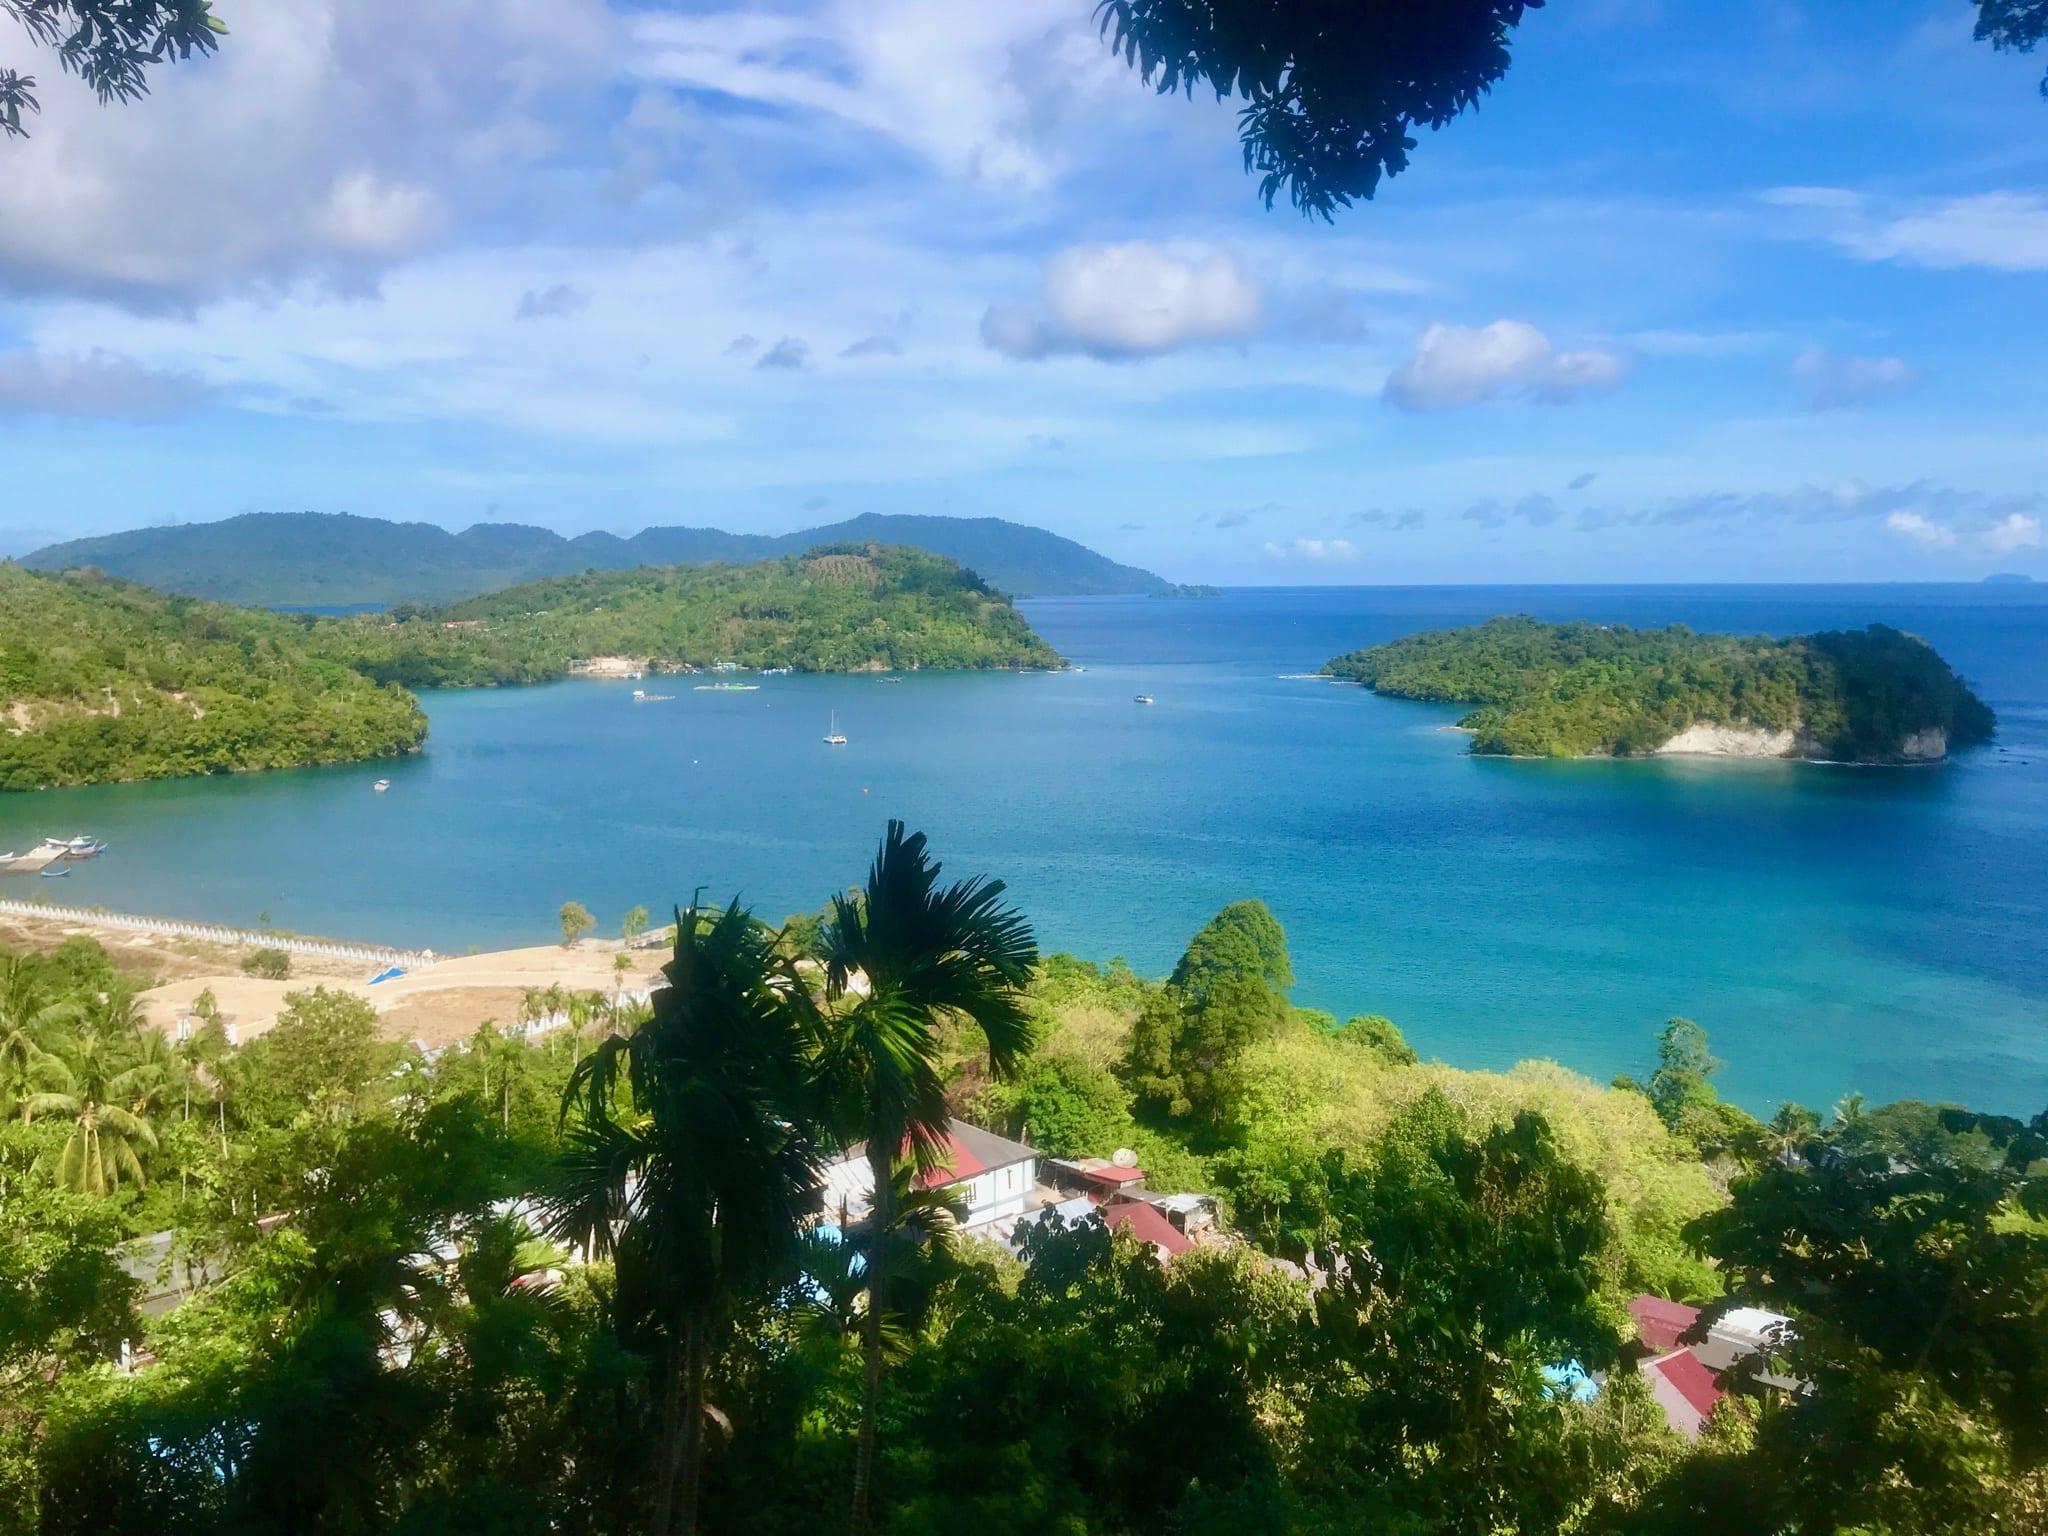 Остров Вех (Palau Weh) - Практические путешествия